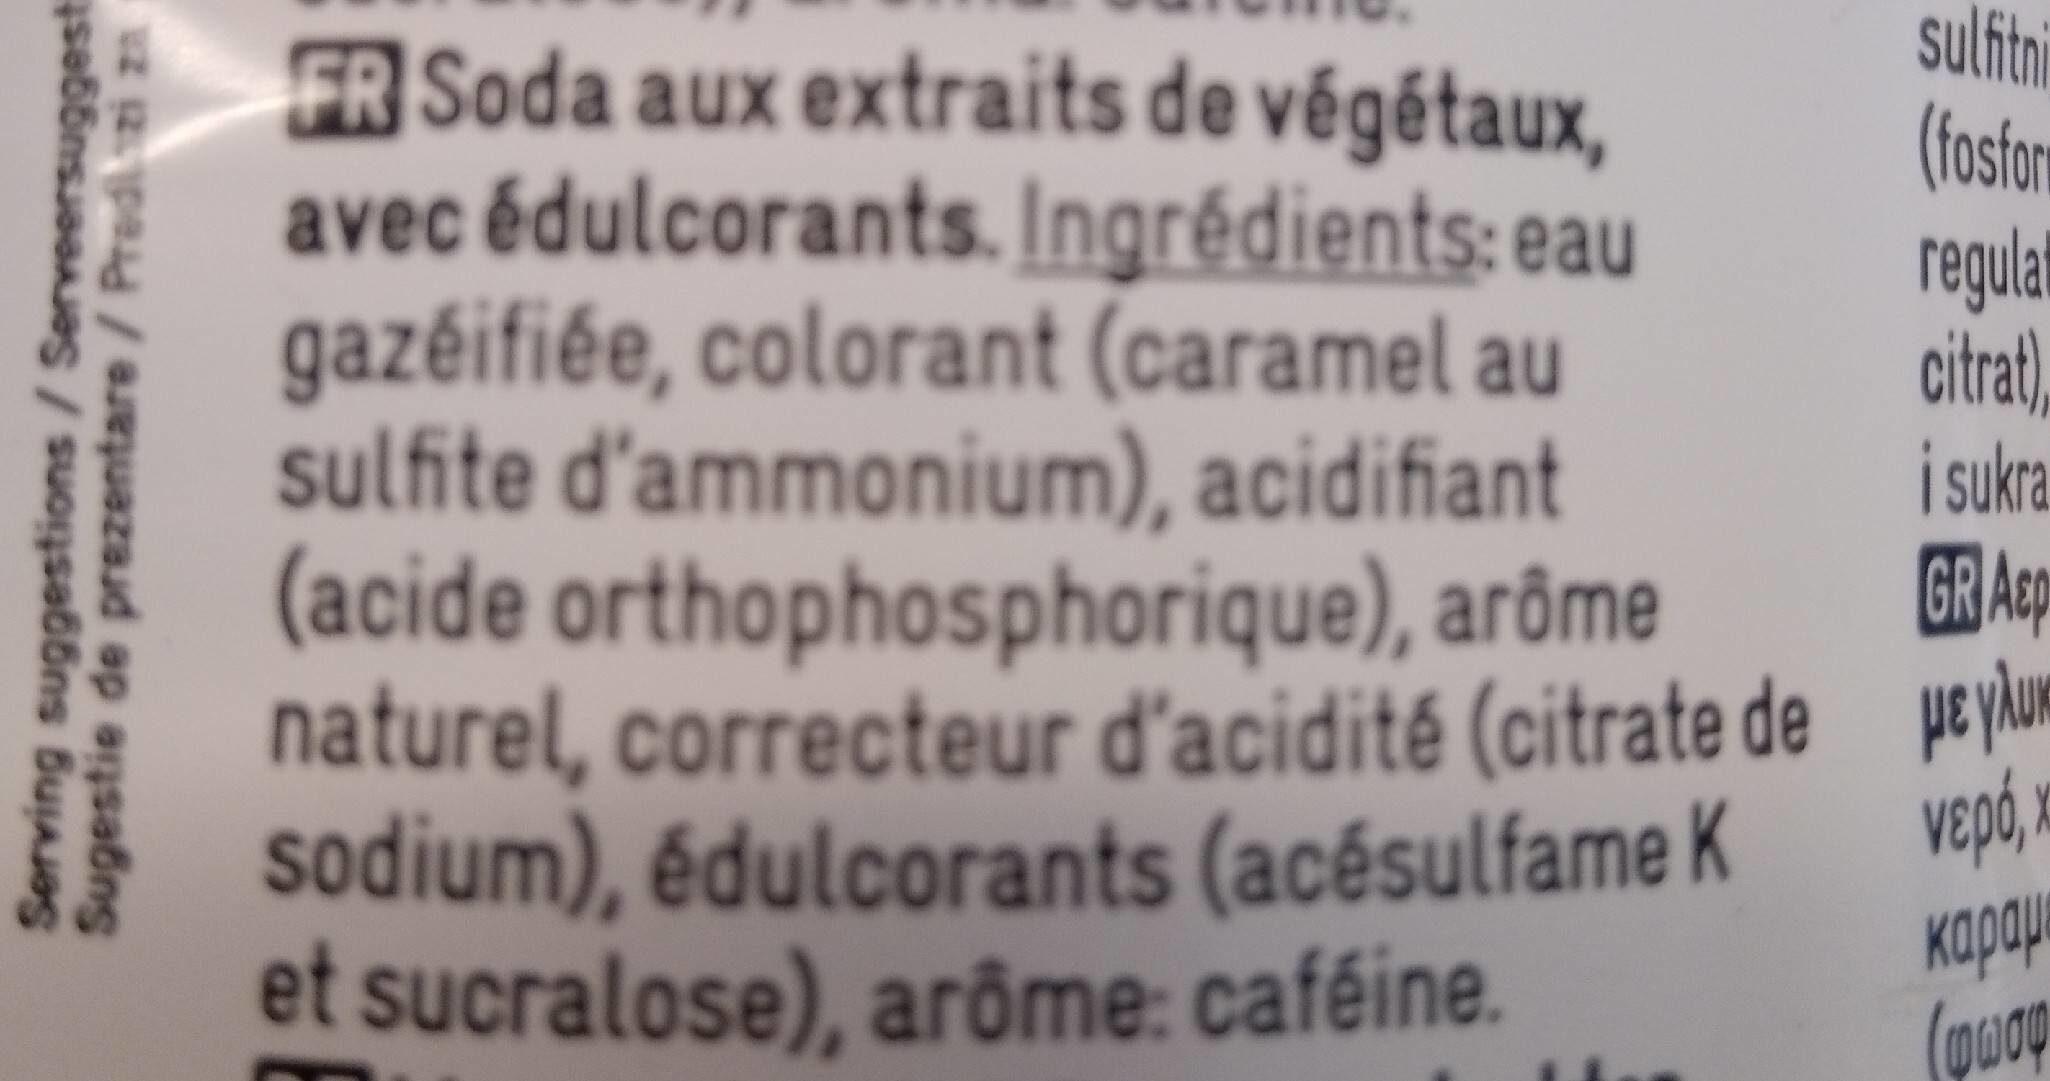 Cola zero Delhaize - Ingredienti - fr